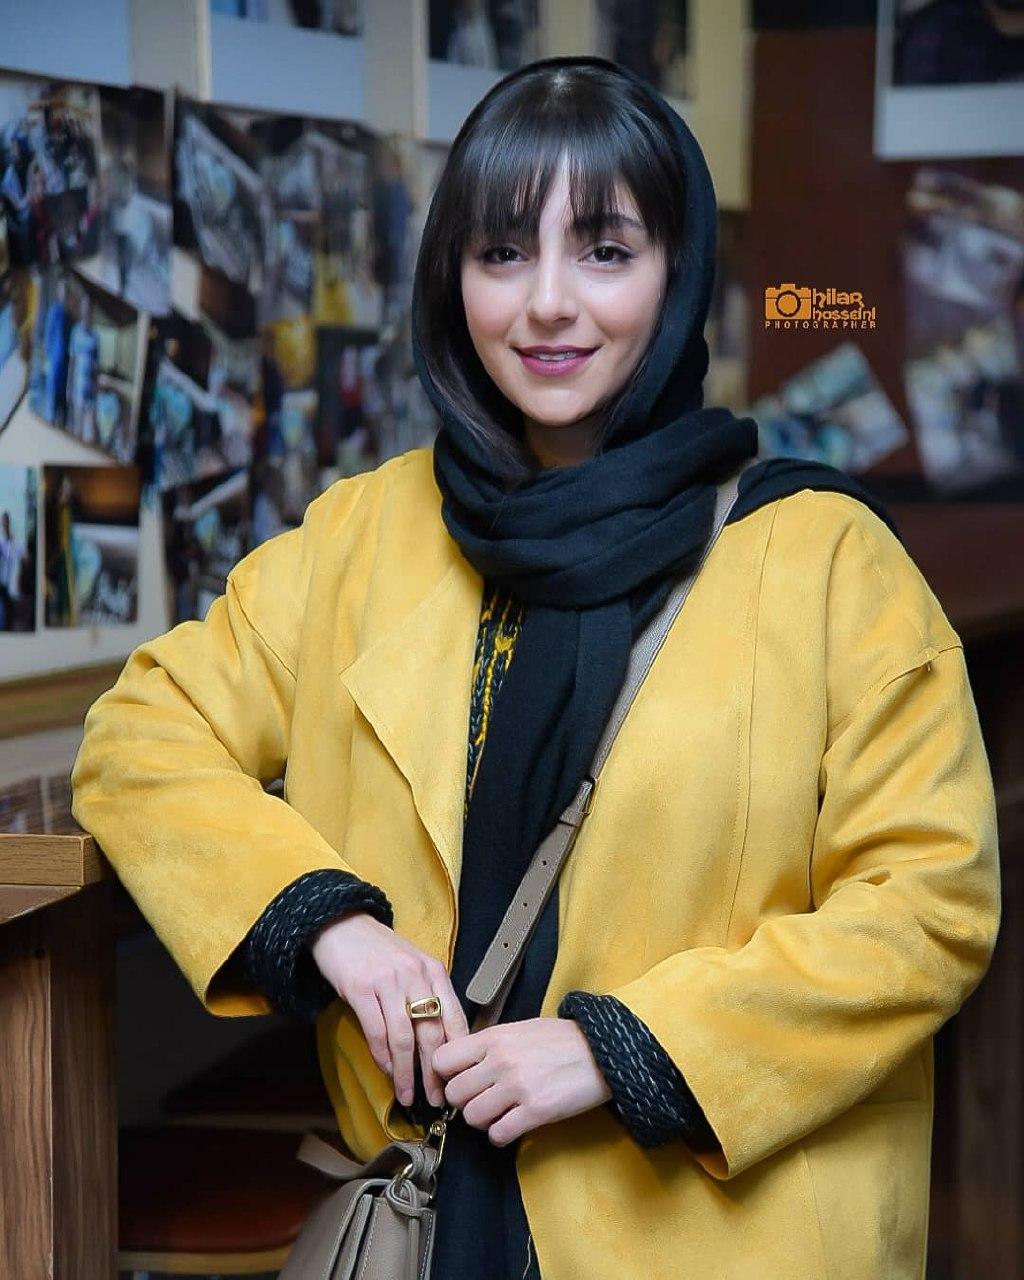 عکسهای هستی مهدوی در اکران فیلم ماجرای نیمروز - رد خون در ۳۷ اُمین جشنواره فیلم فجر